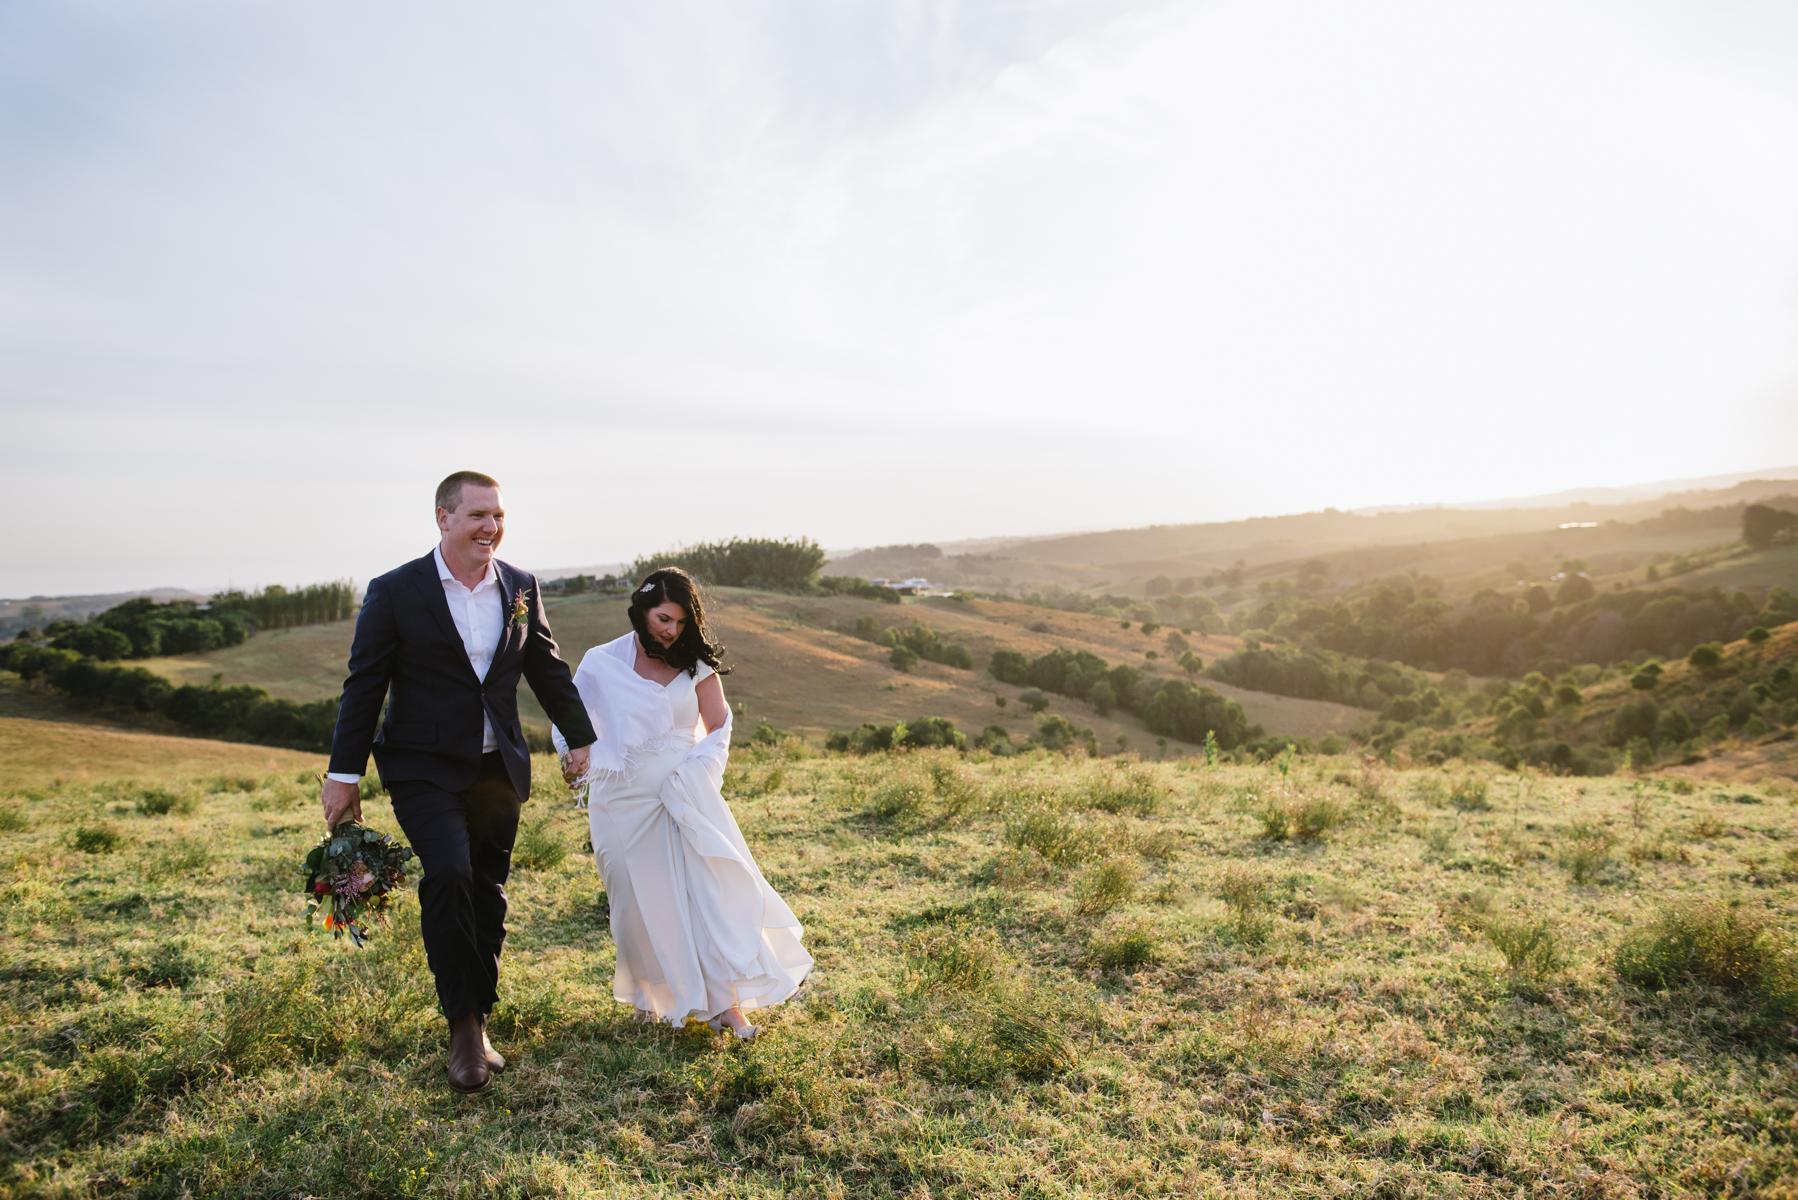 sarahandBenwedding- skyla sage photography weddings, families, byron bay,tweed coast,kingscliff,cabarita,gold coast-804.jpg